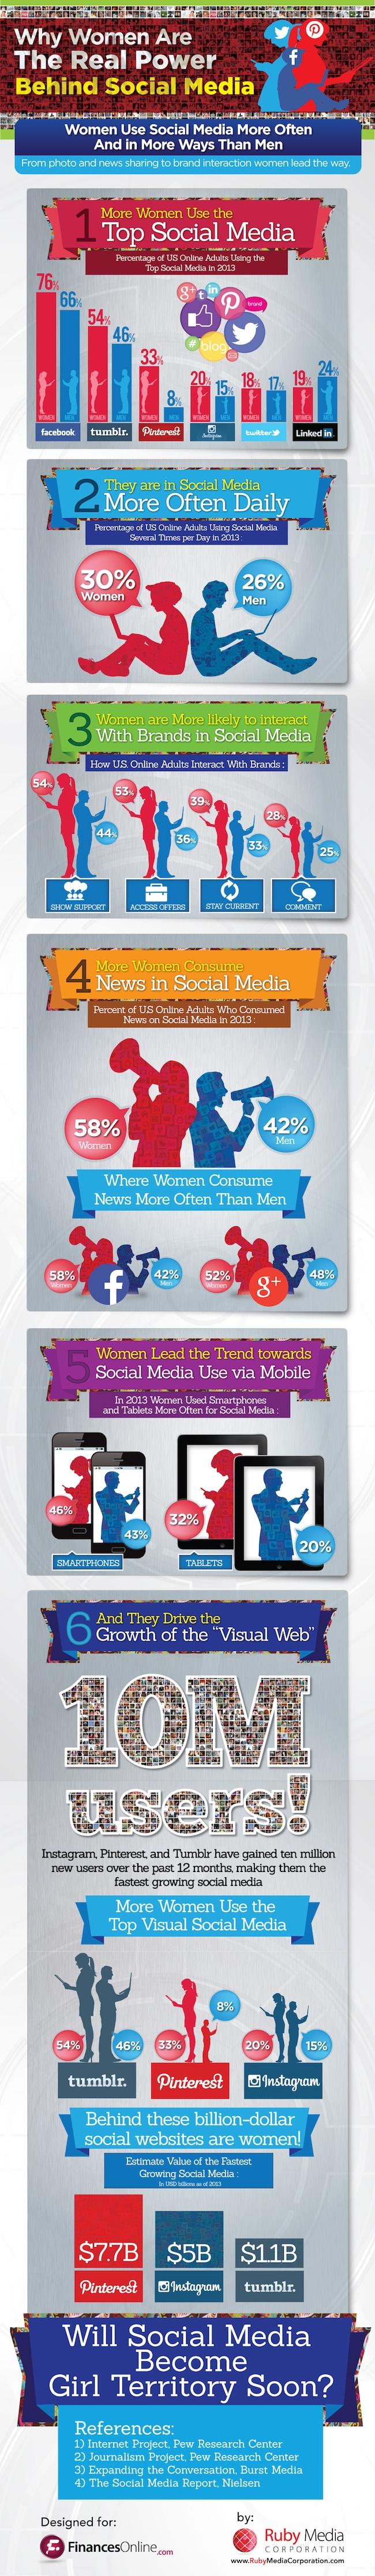 Les Femmes Plus Actives Que Les Hommes Sur Les Réseaux Sociaux !